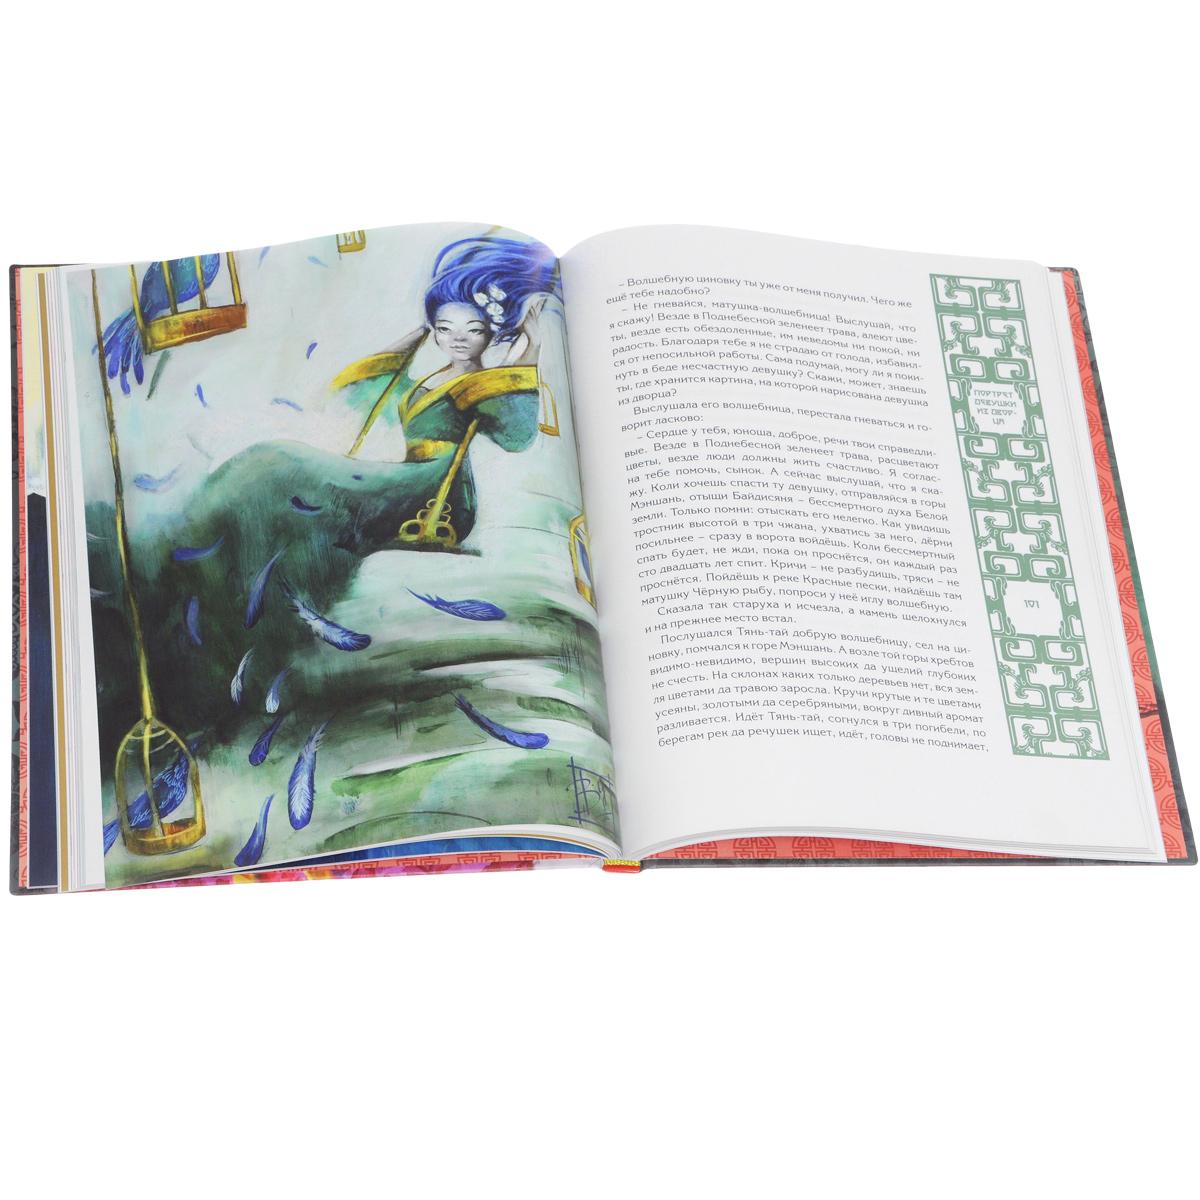 Волшебные сказки Китая